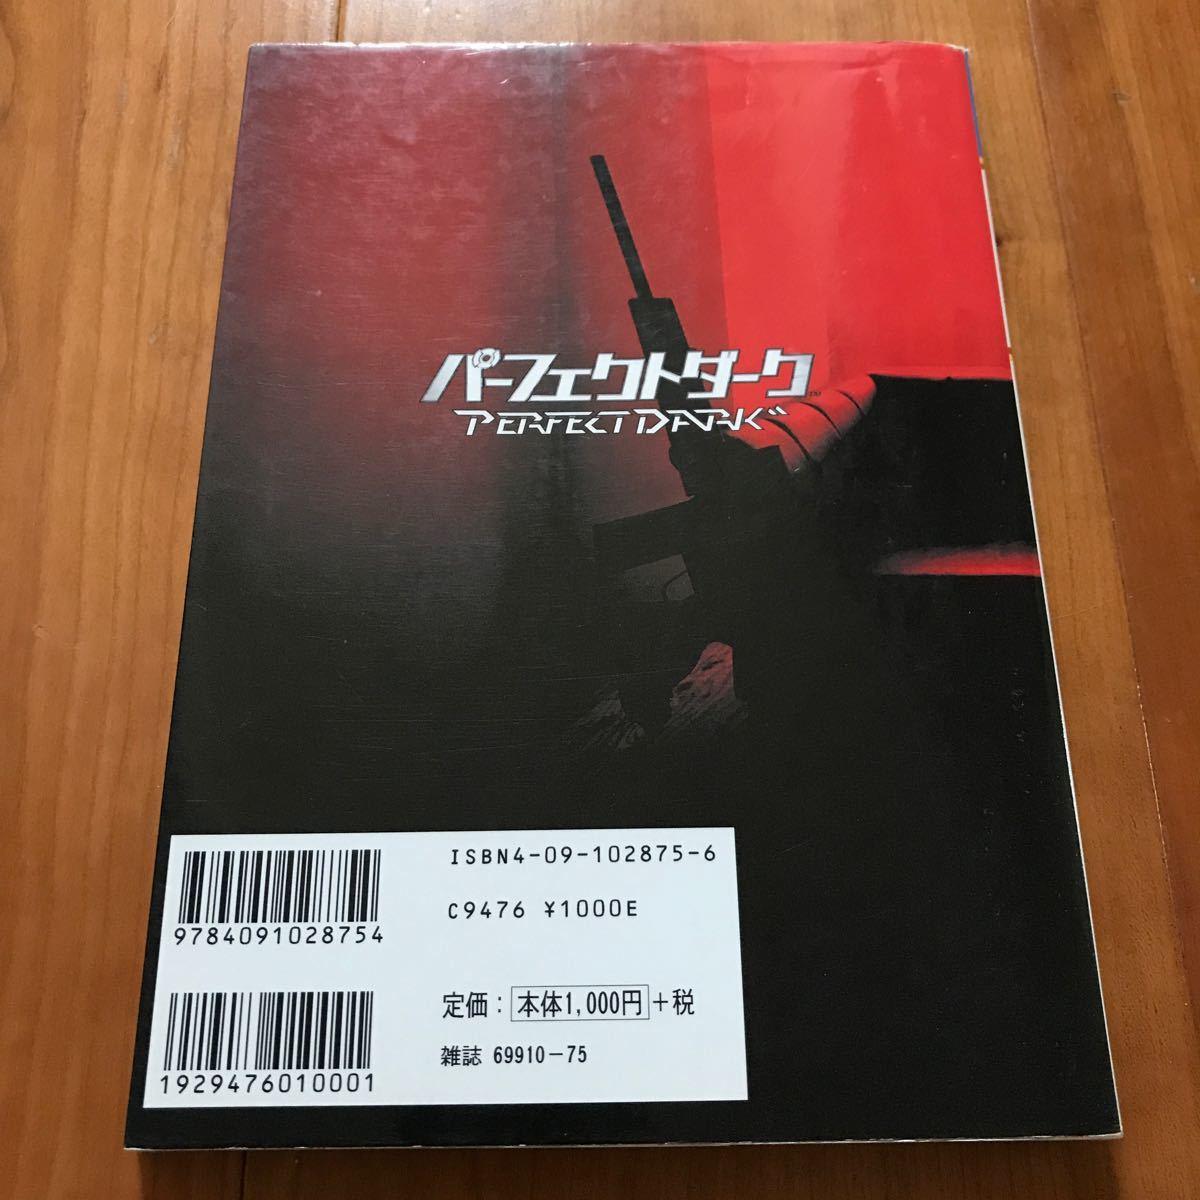 【N64】ゲーム攻略本〈パーフェクトダーク〉任天堂公式ガイドブック